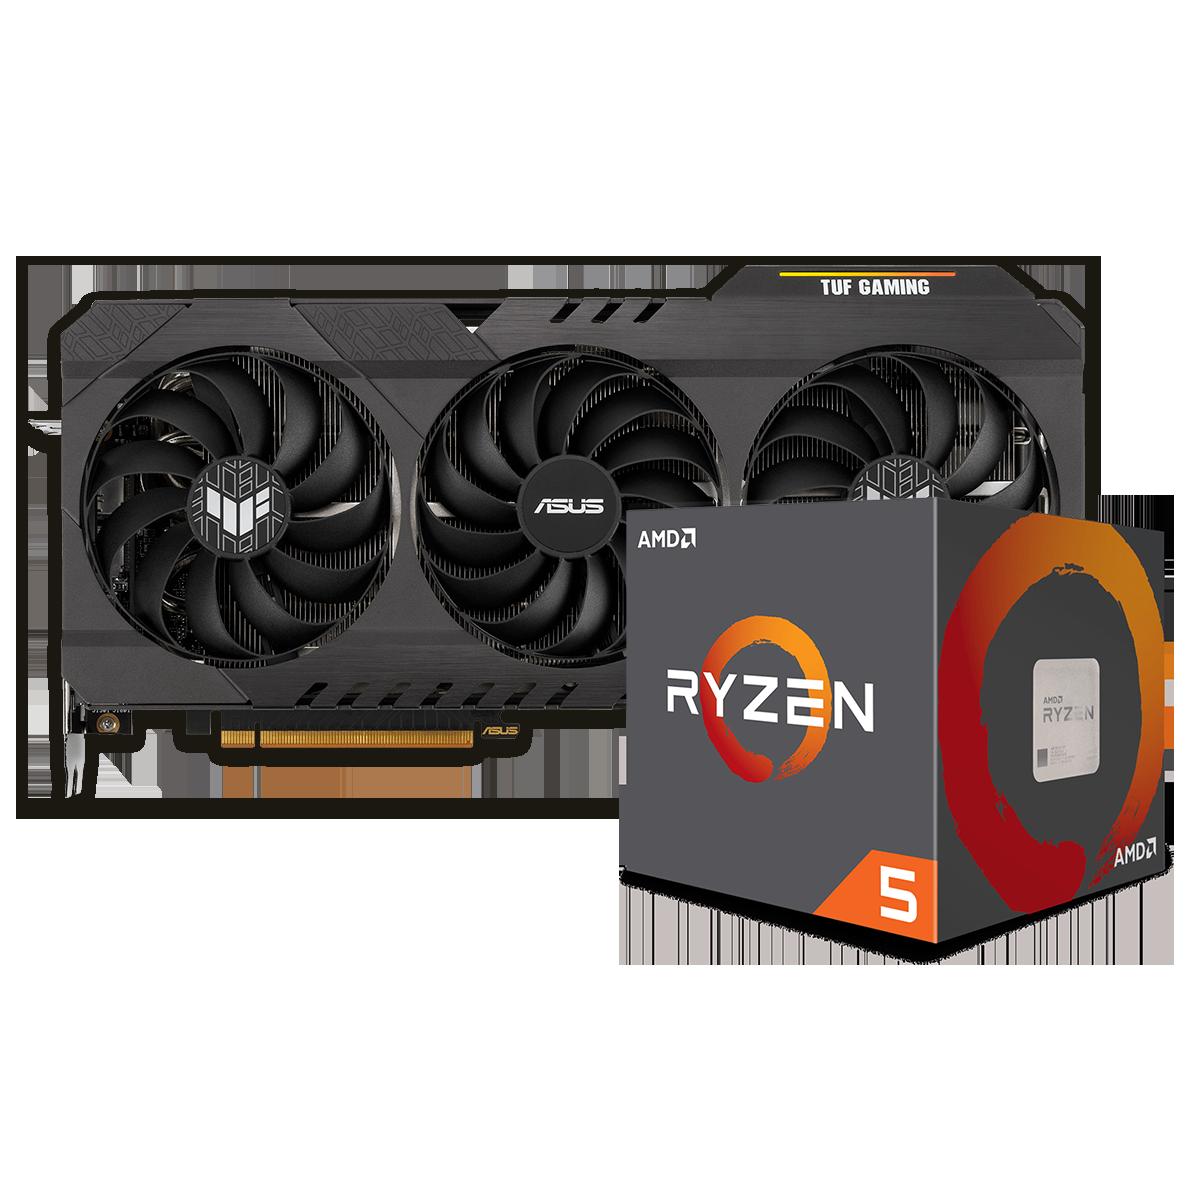 Kit Upgrade ASUS TUF Gaming Radeon RX 6700 XT OC + AMD Ryzen 5 5600X